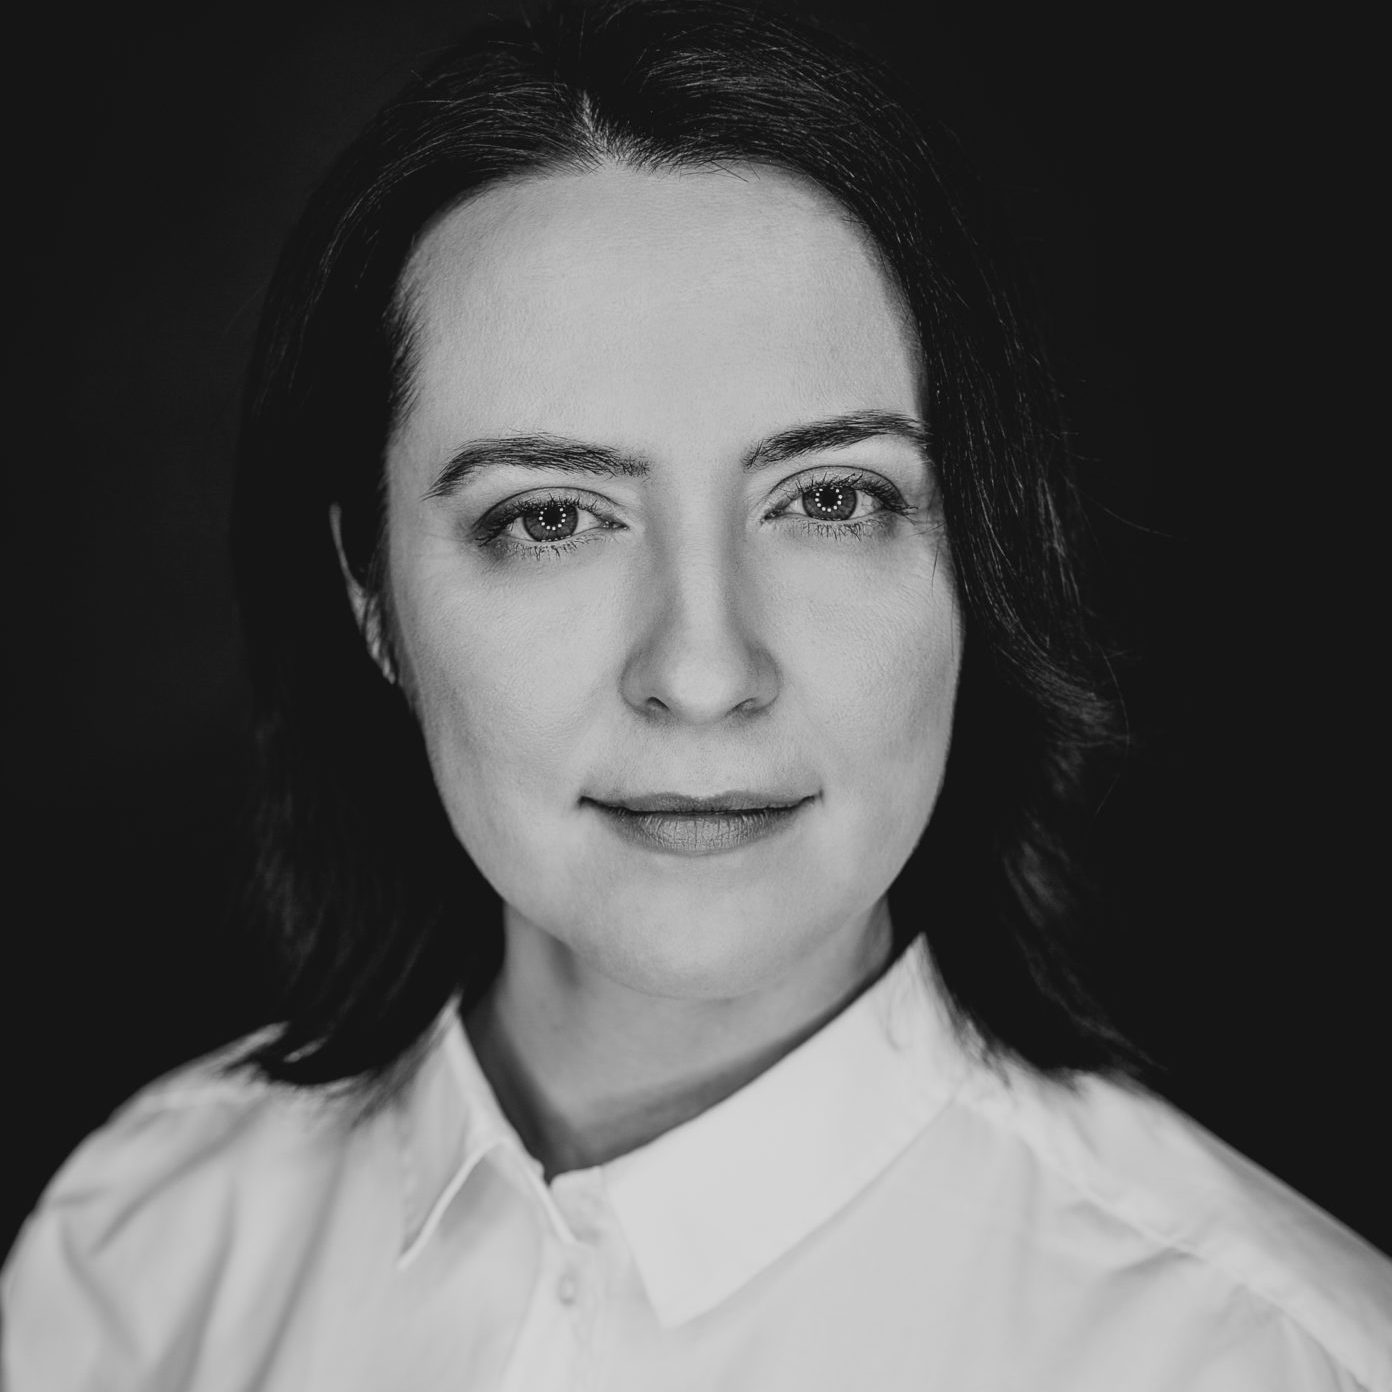 Agata Kubiesa-Krzosa